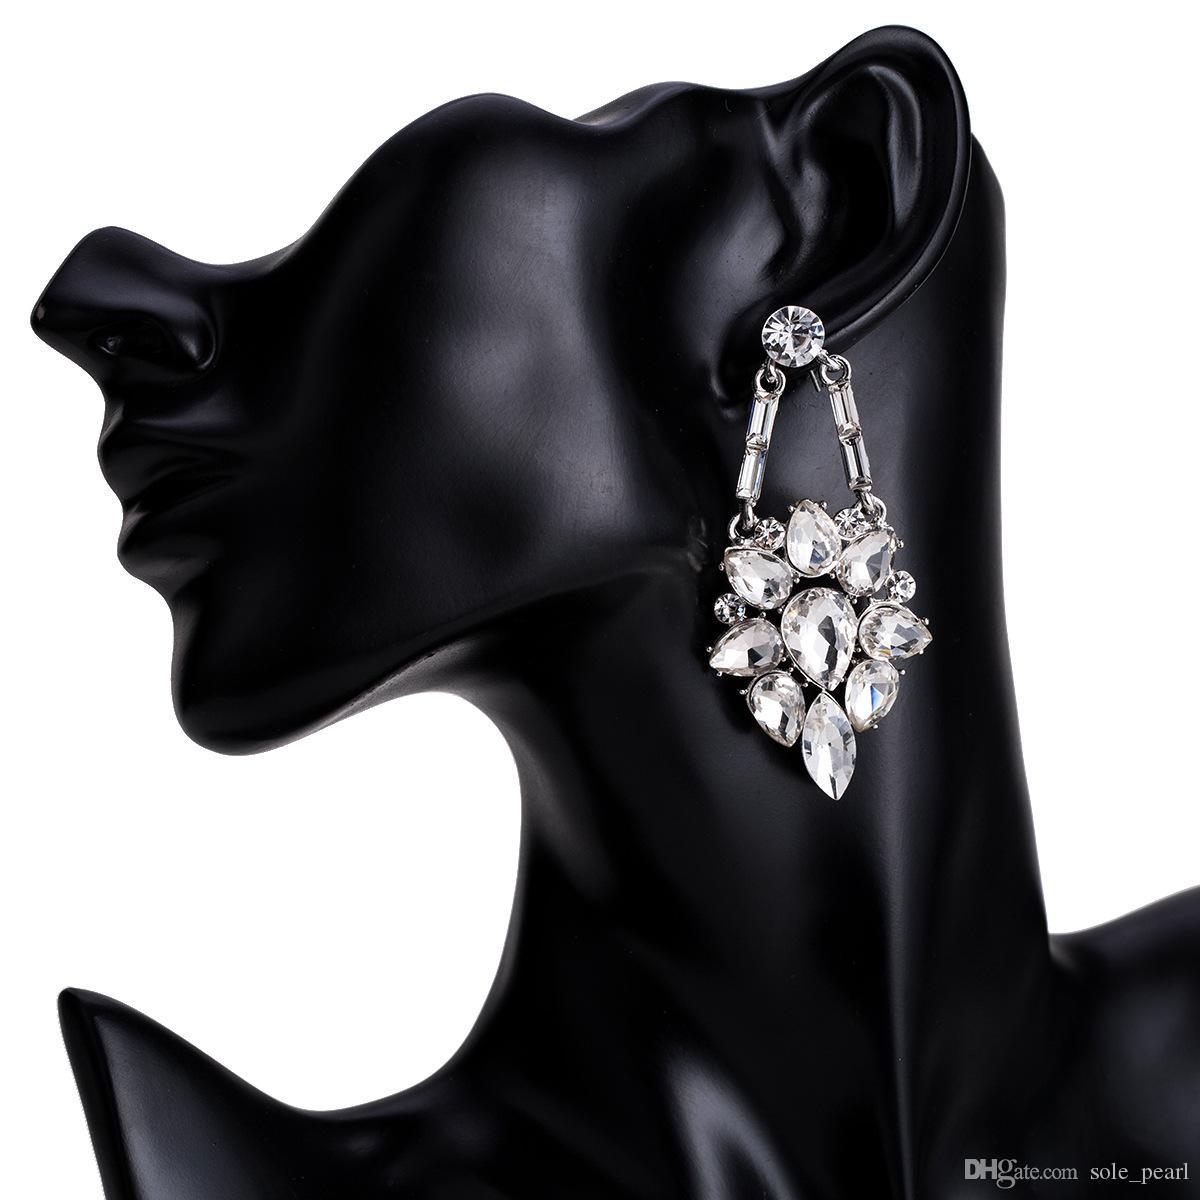 Püskül damla Küpe kadınlar için Lüks boho kişilik Cam matkap Dangle küpe basit Vintage geometrik moda Takı toptan 2018